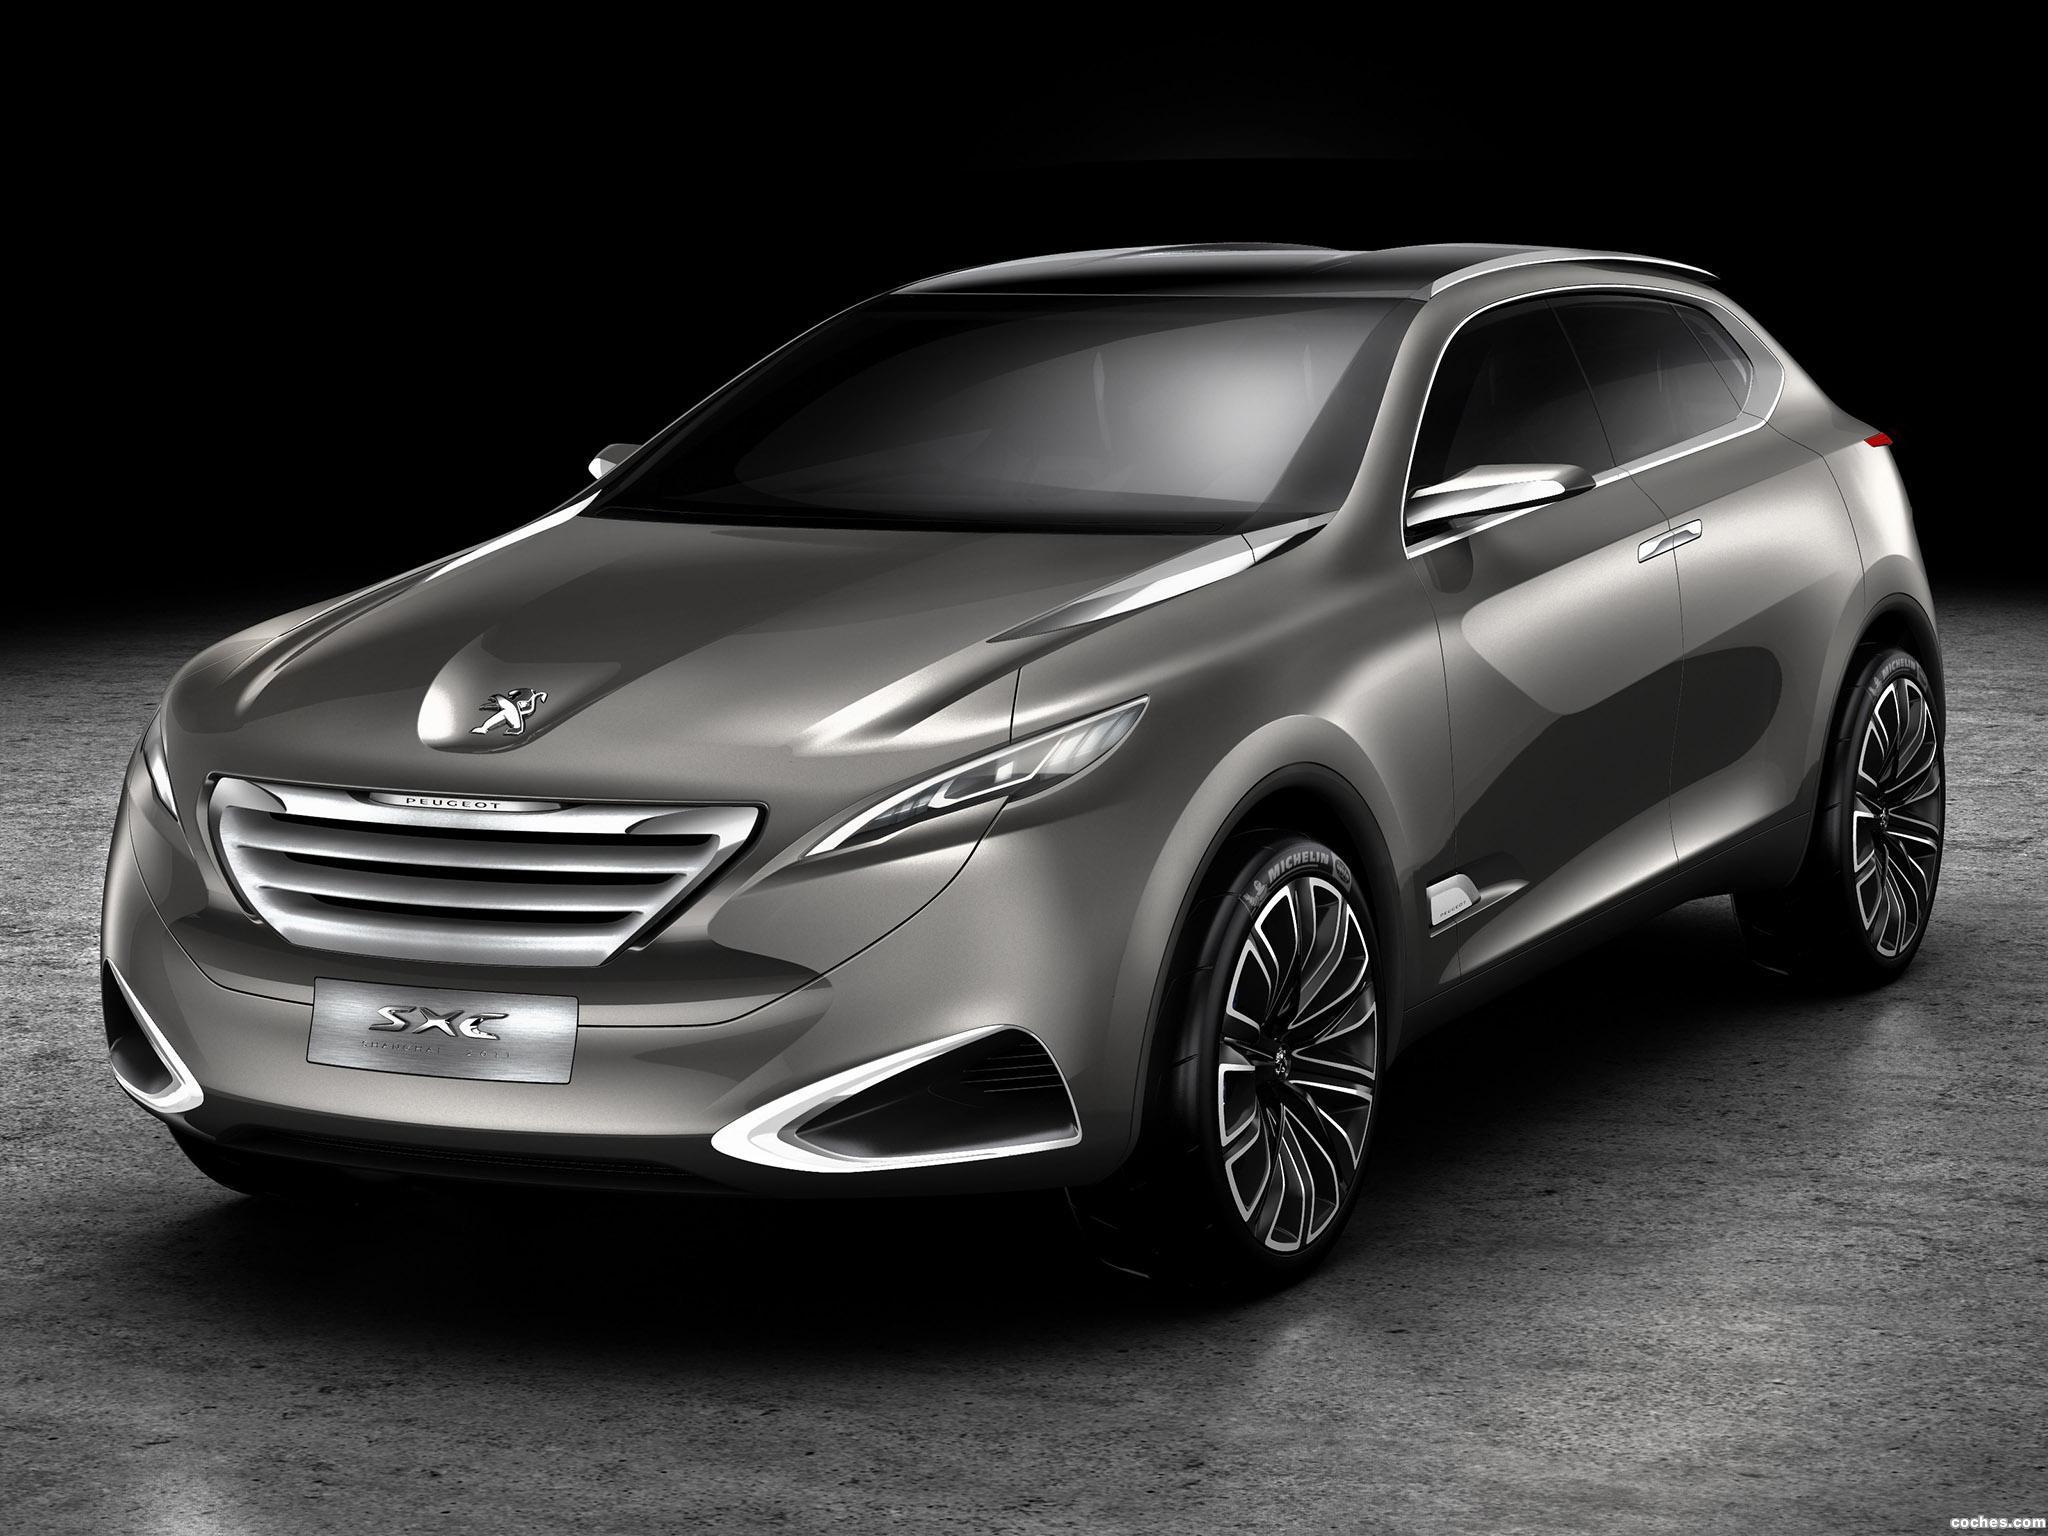 Foto 0 de Peugeot SXC Crossover Concept 2011